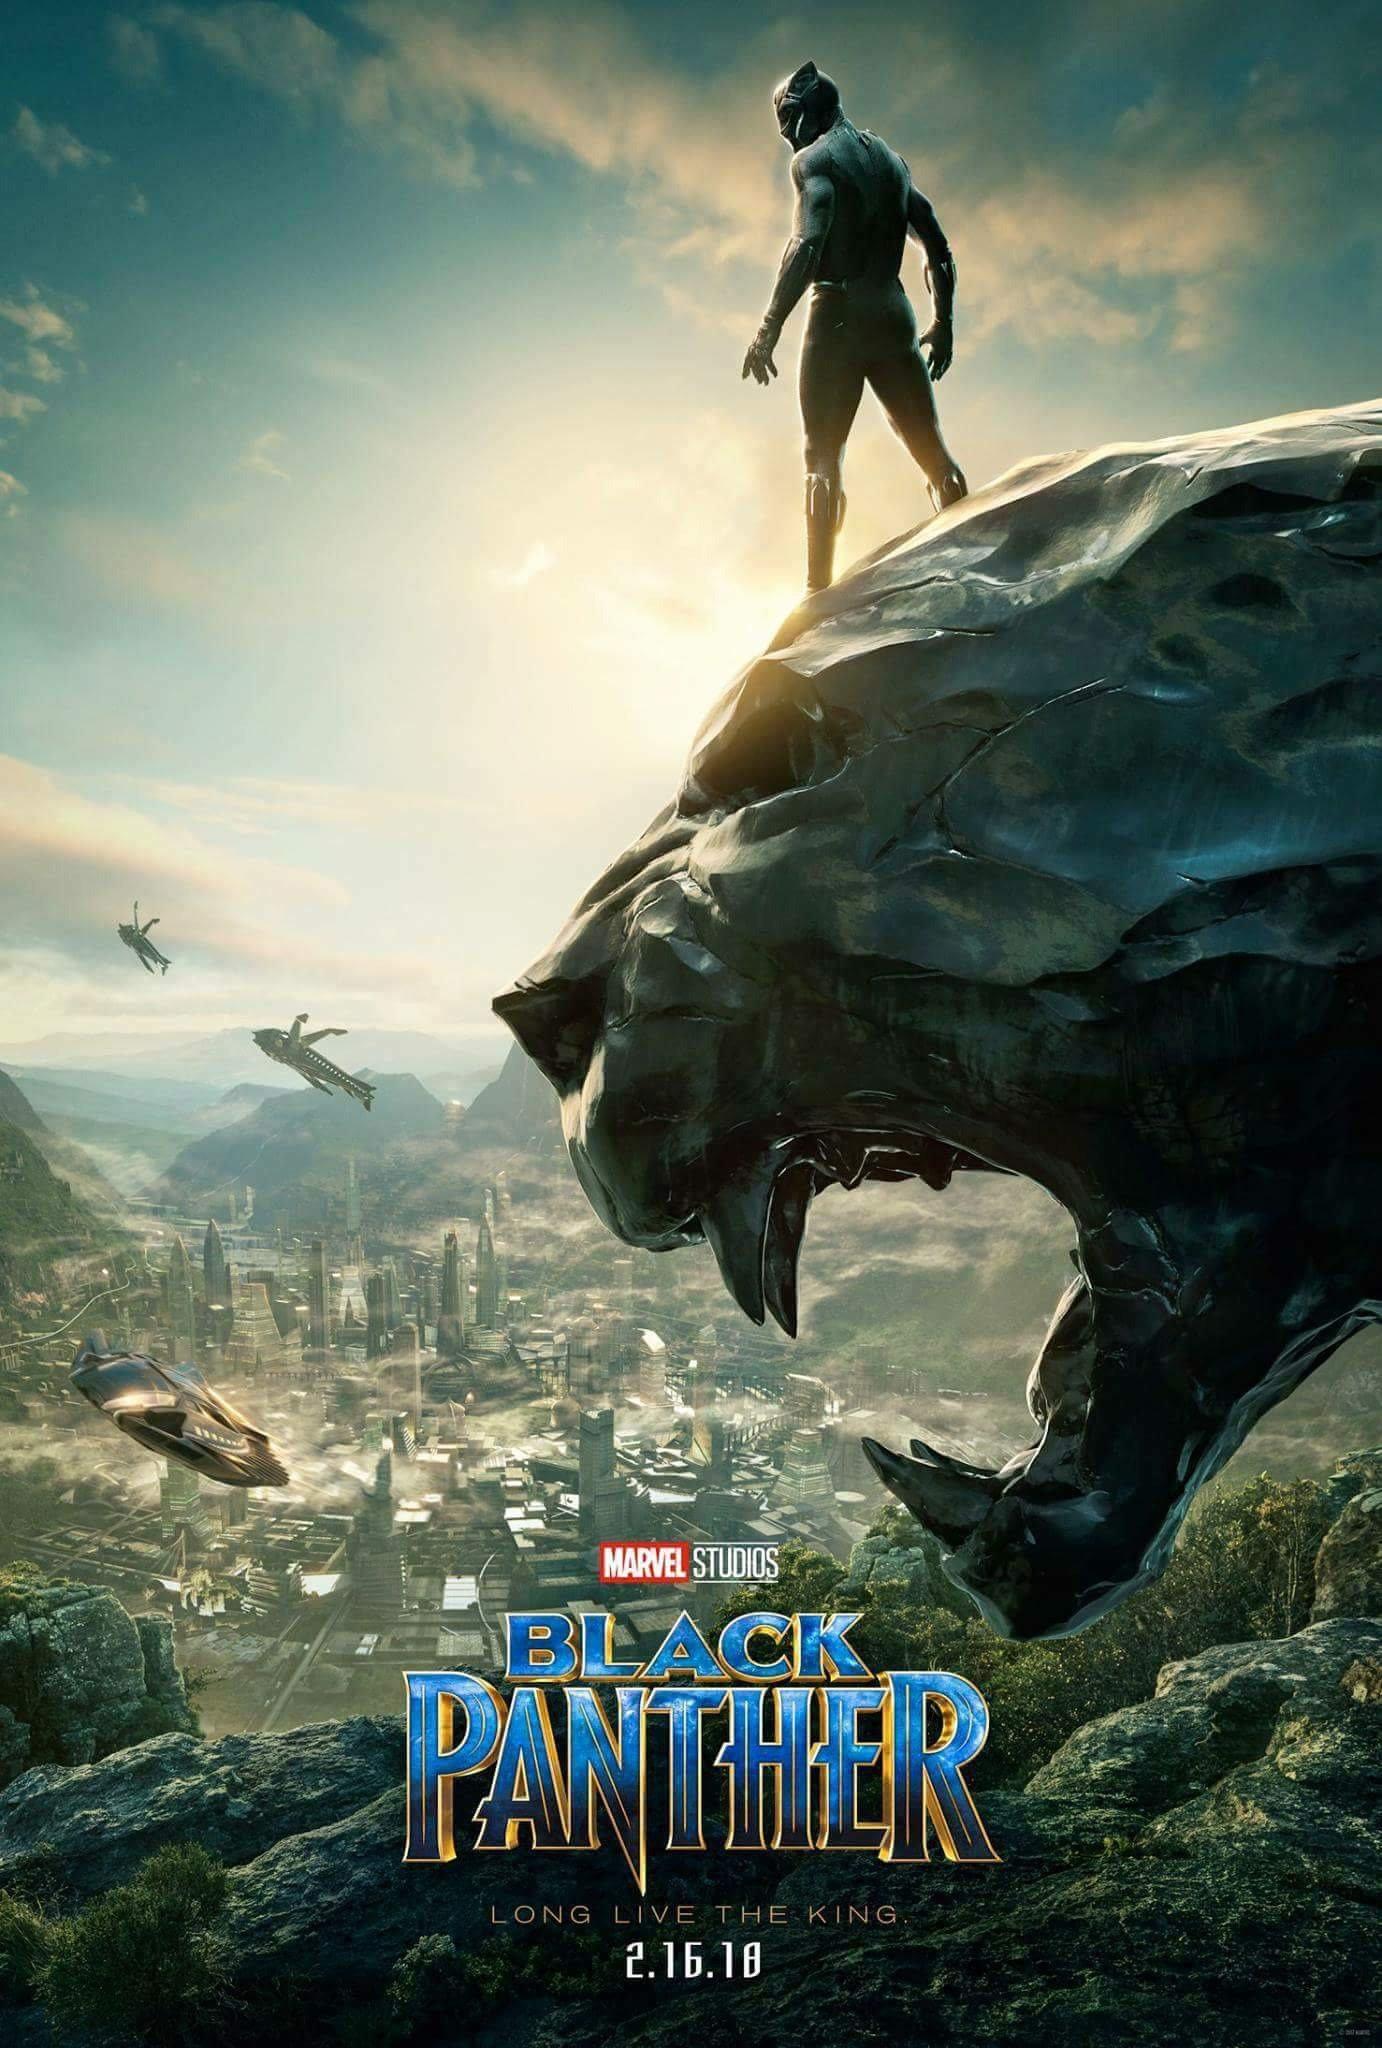 Poster teaser pour le film Black Panther réalisé par Ryan Coogler